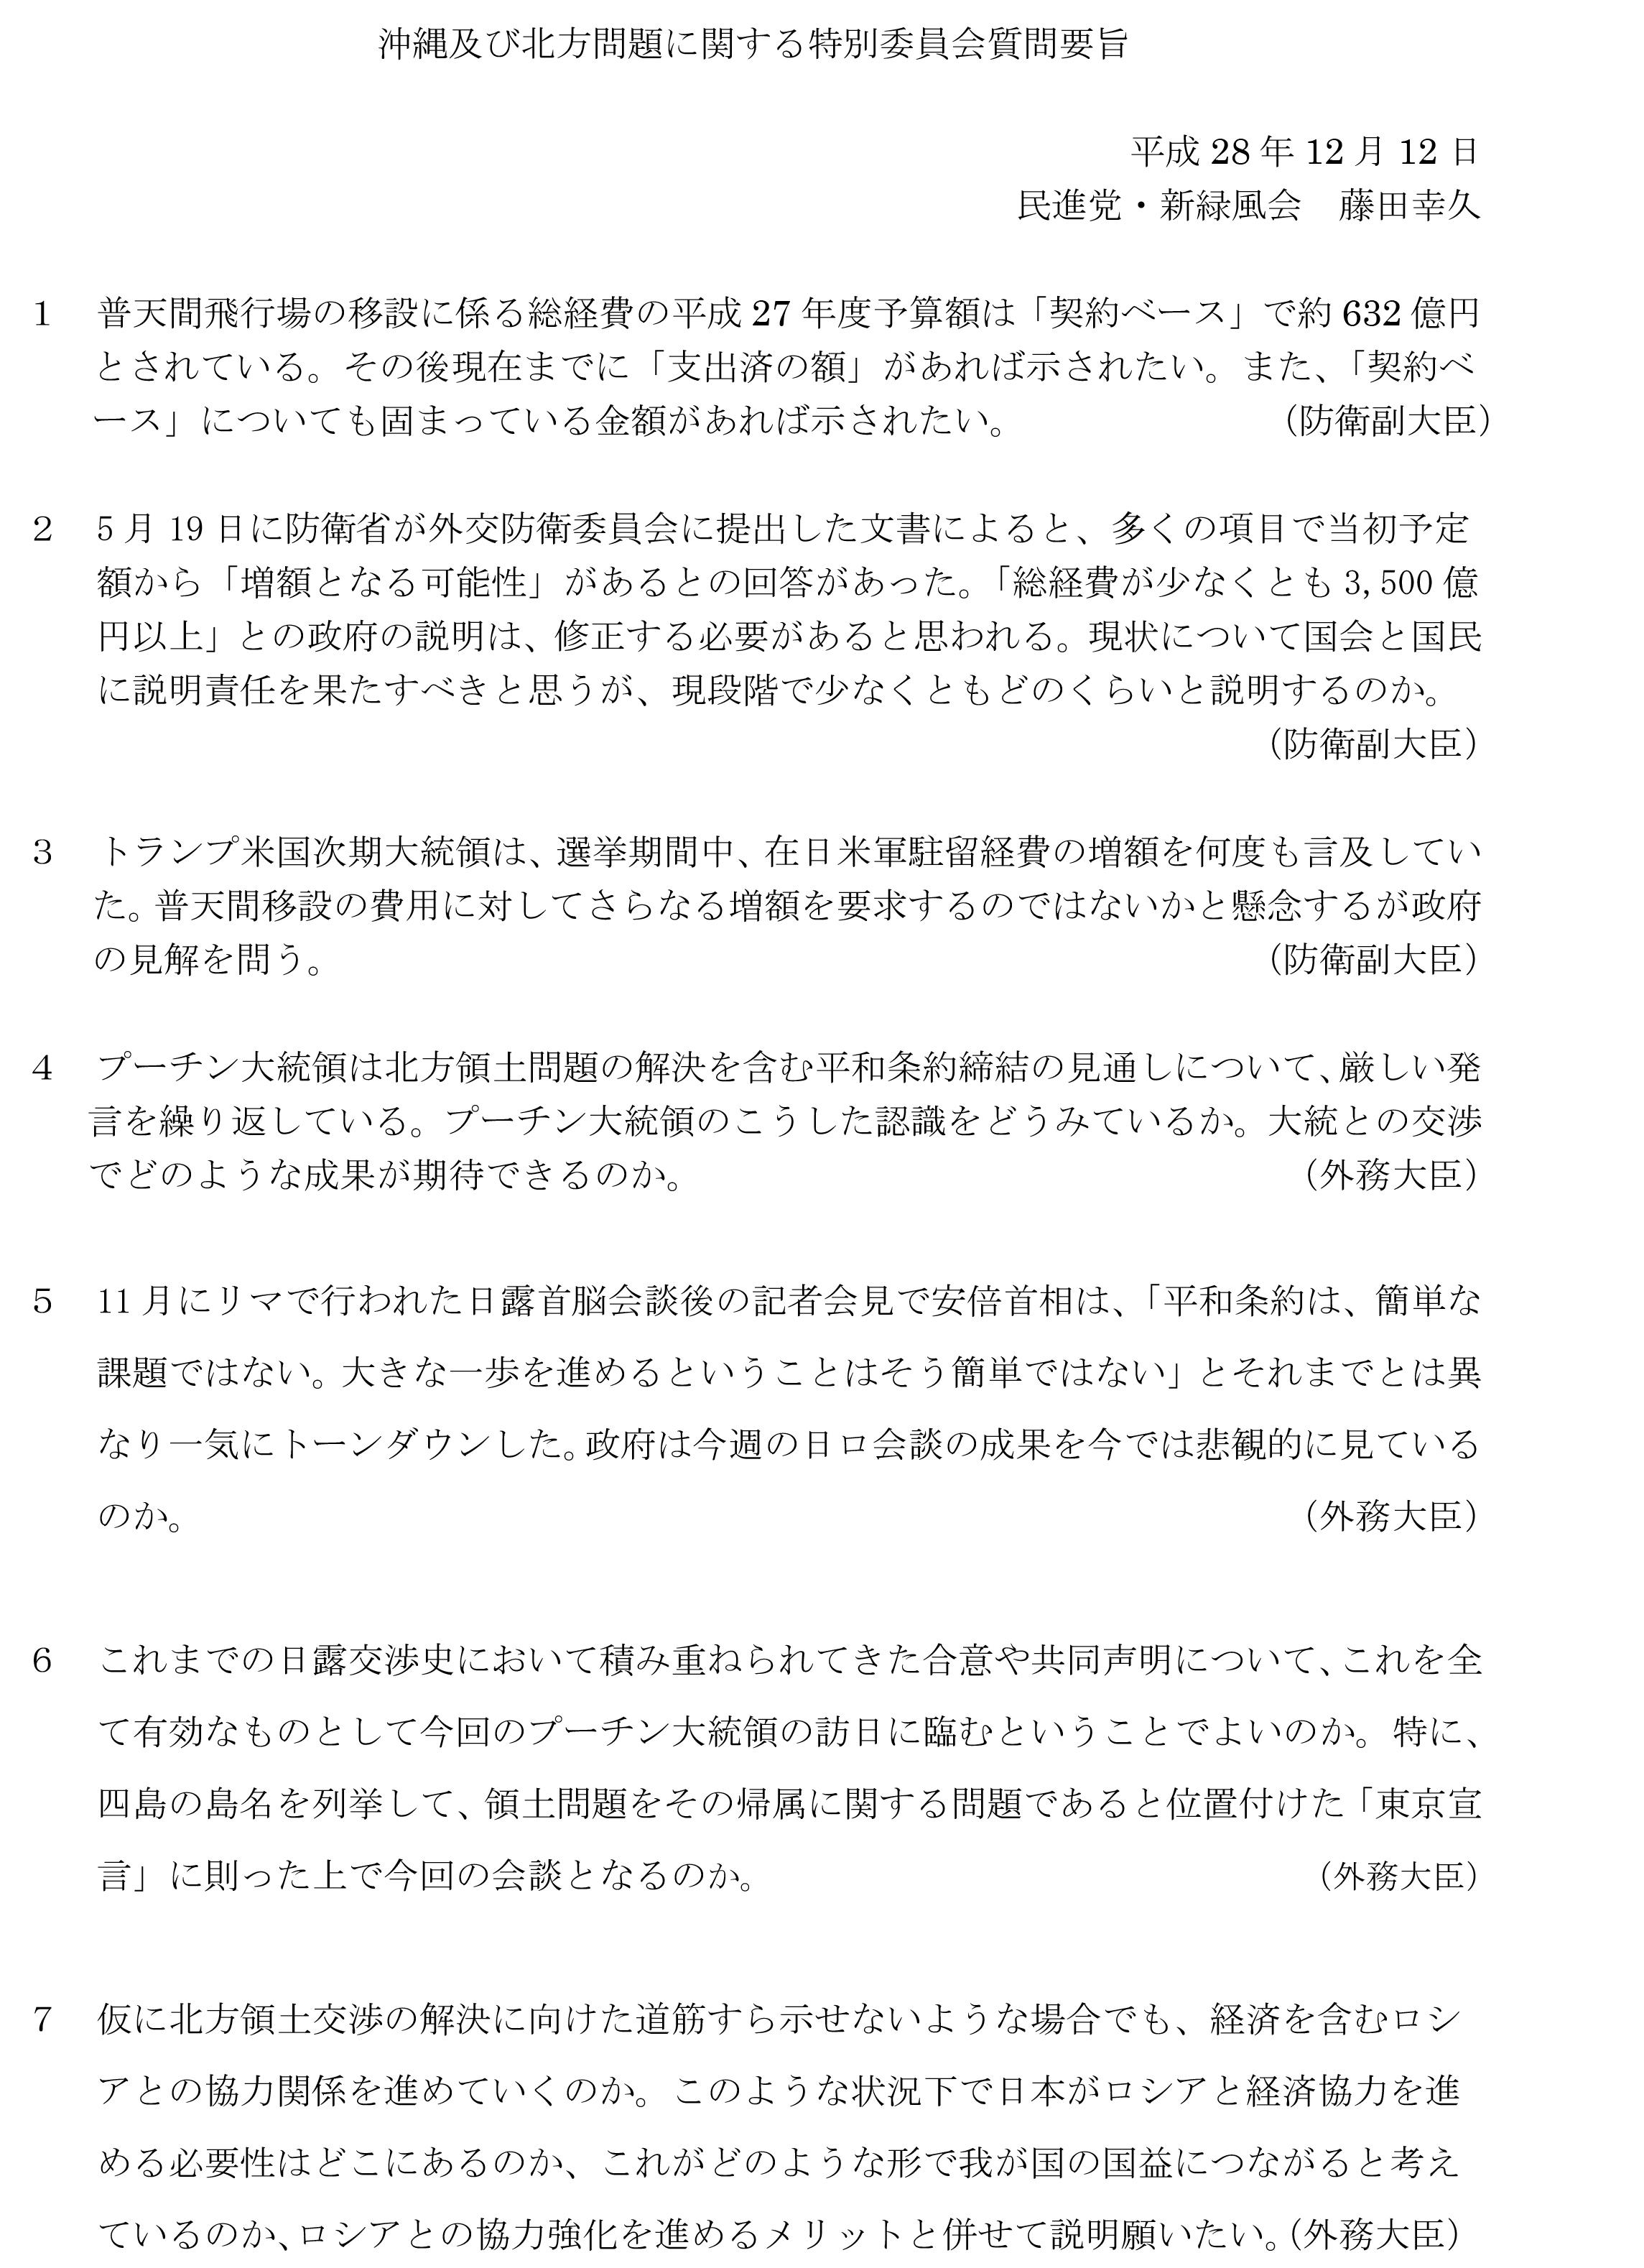 12/12(月)、沖縄及び北方問題に関する特別委員会で質問します!